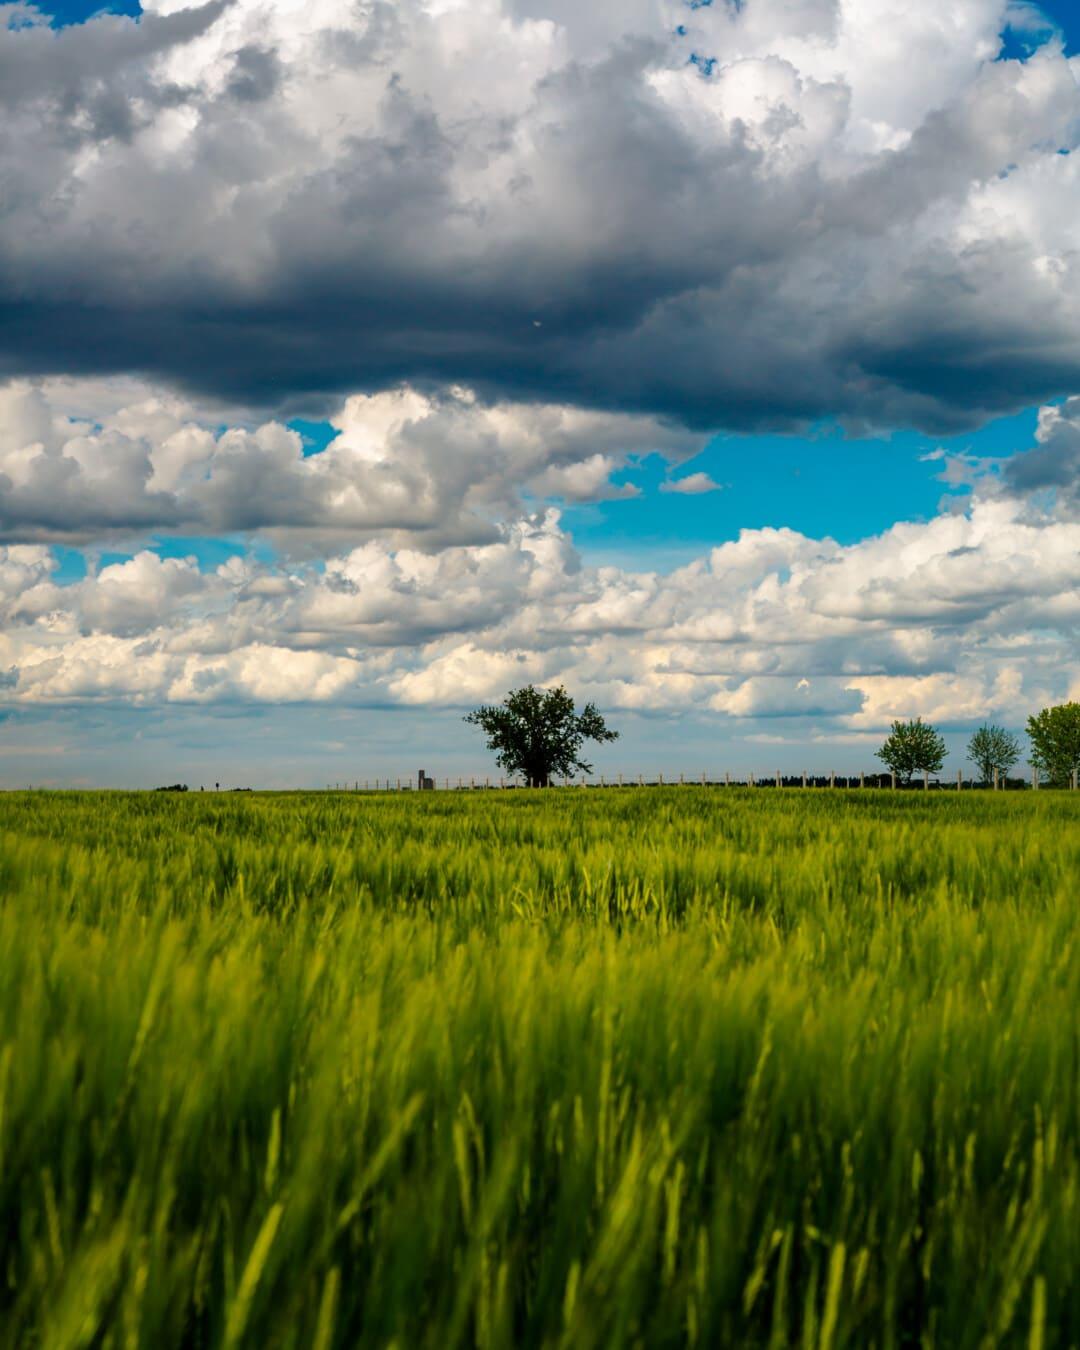 bewölkt, Weizenfeld, Feld, Landwirtschaft, Ackerland, Bauernhof, Weizen, Landschaft, Gras, Korn